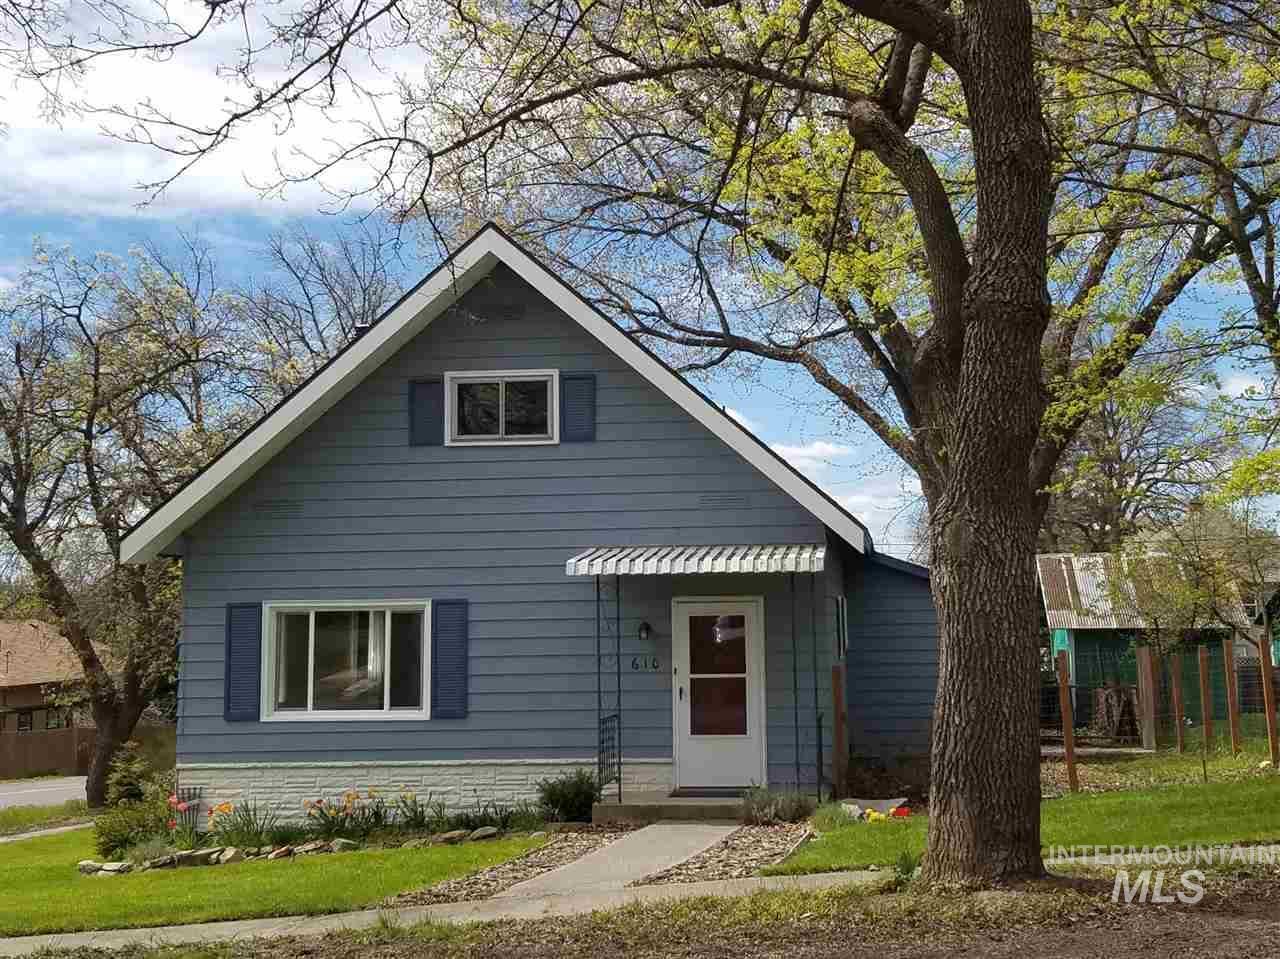 610 Oak St., Potlatch, ID 83855